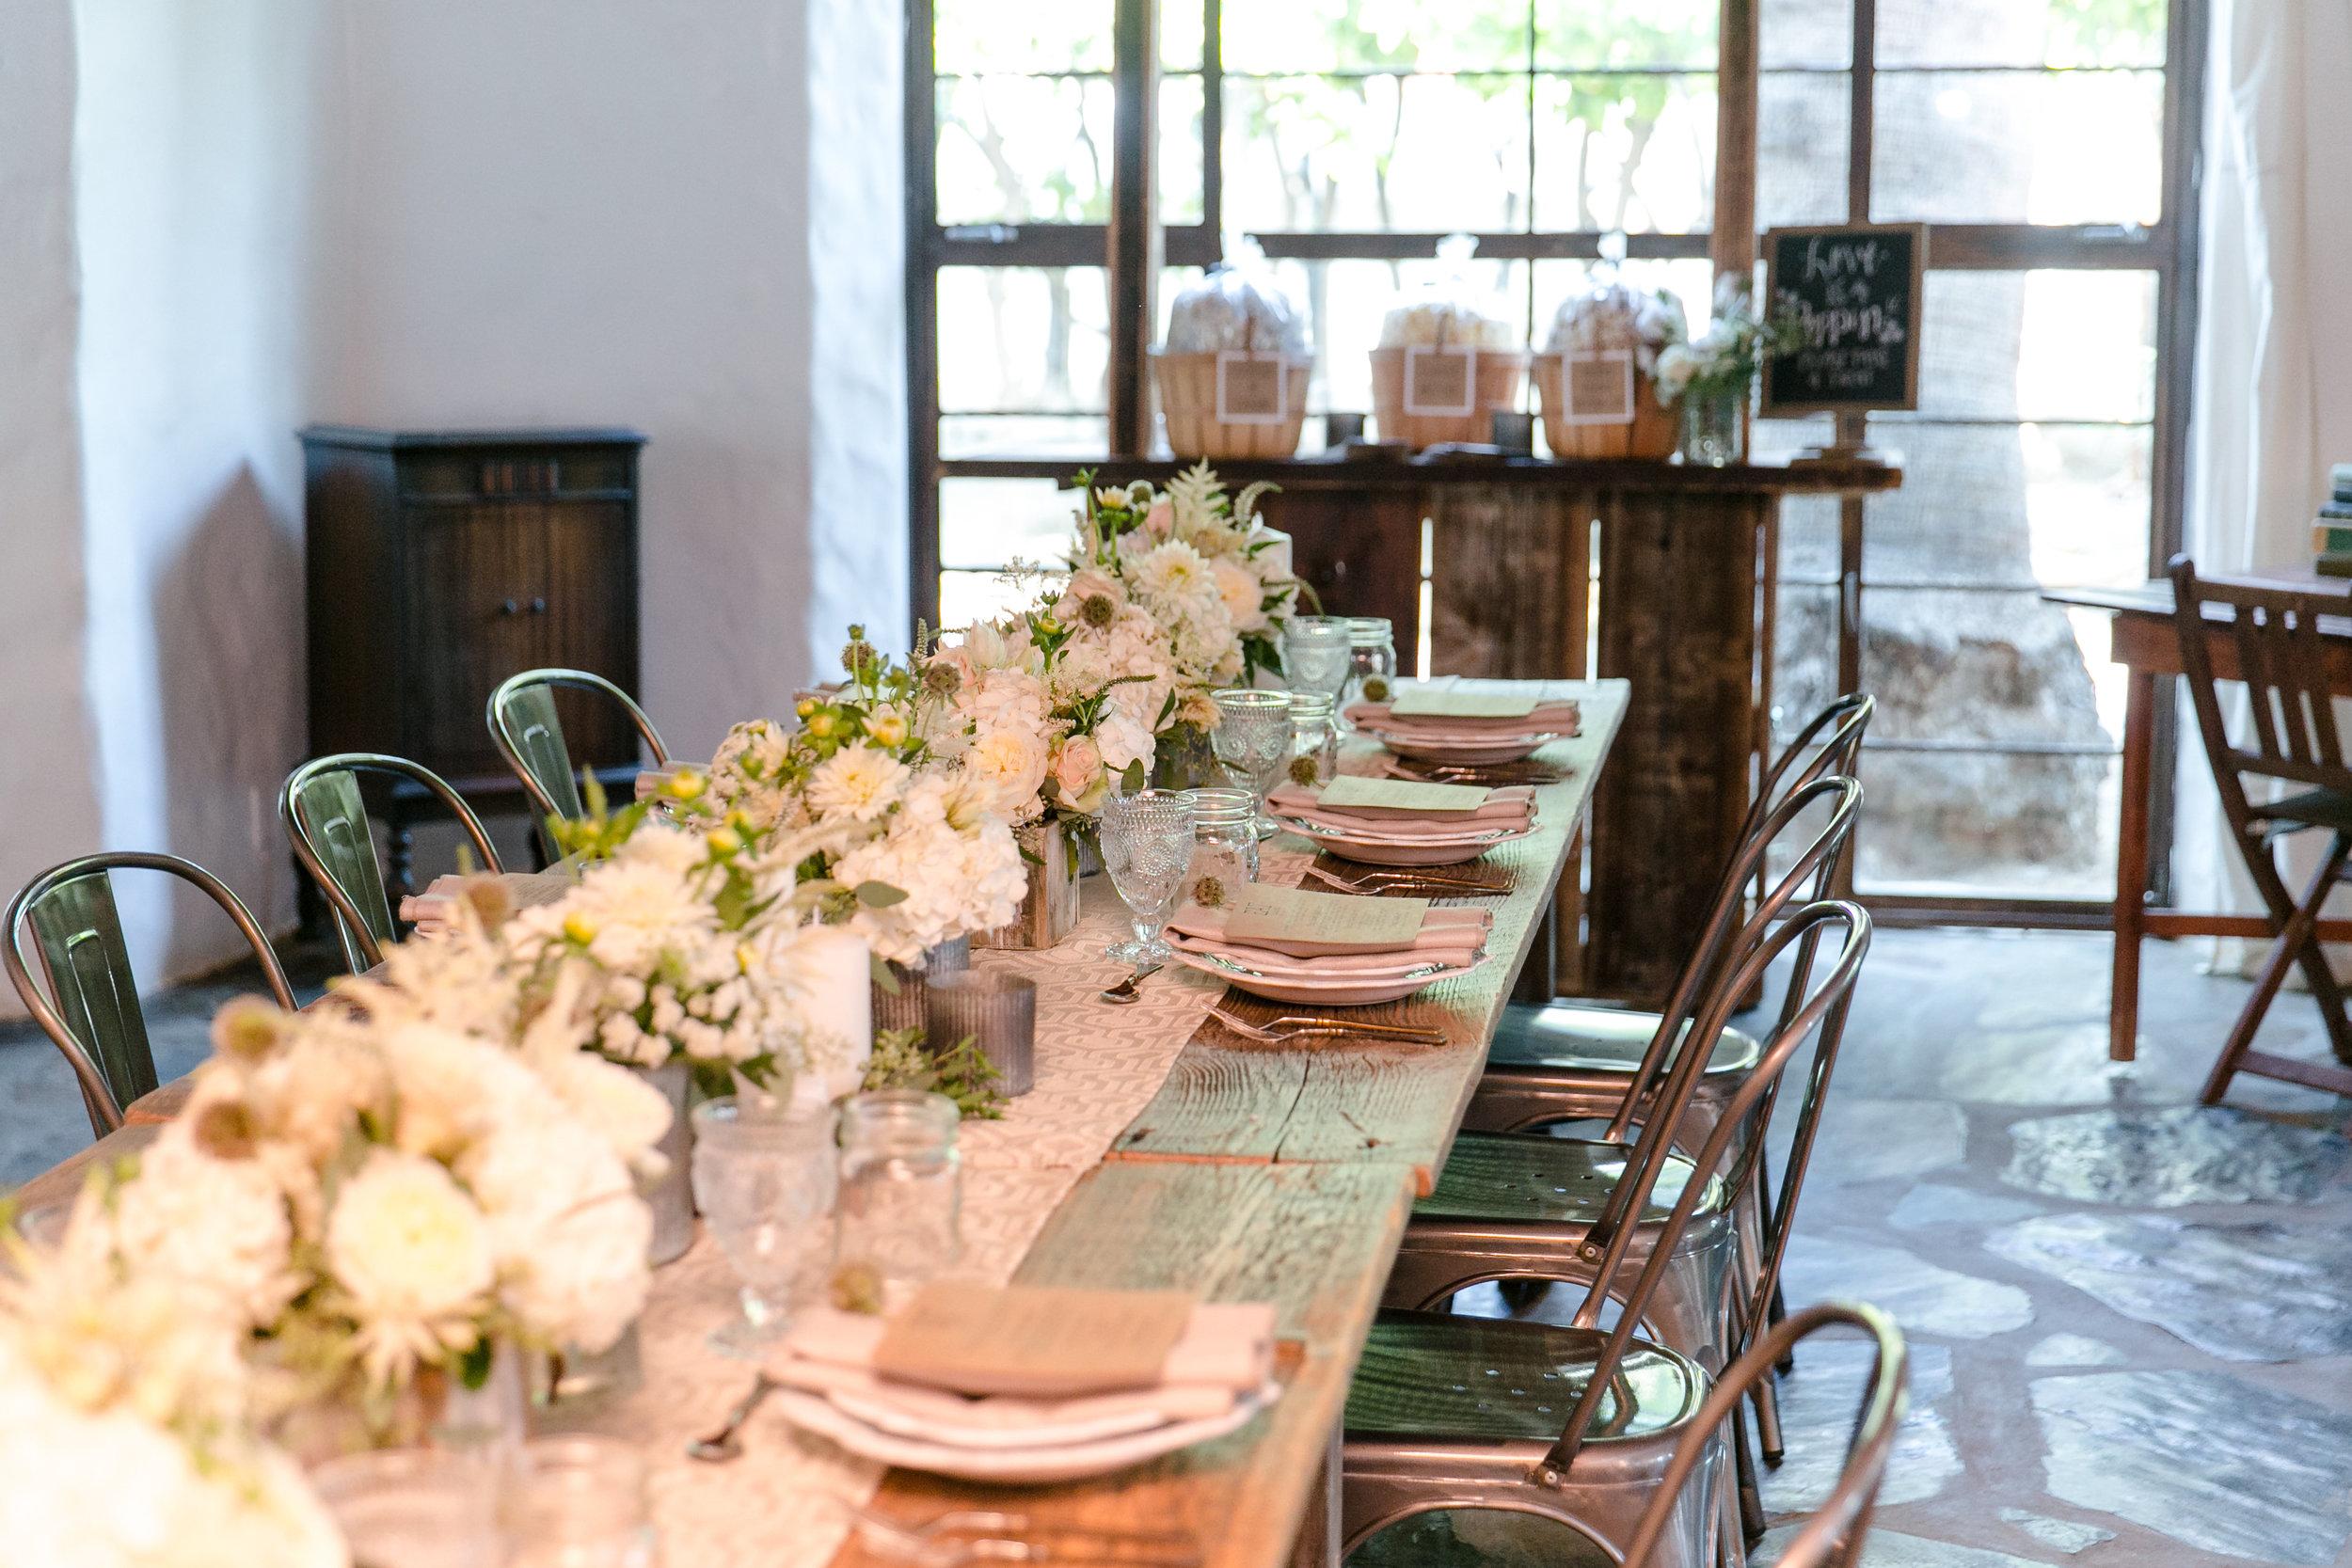 Rustic Romantic Tablescape | Michelle Garibay